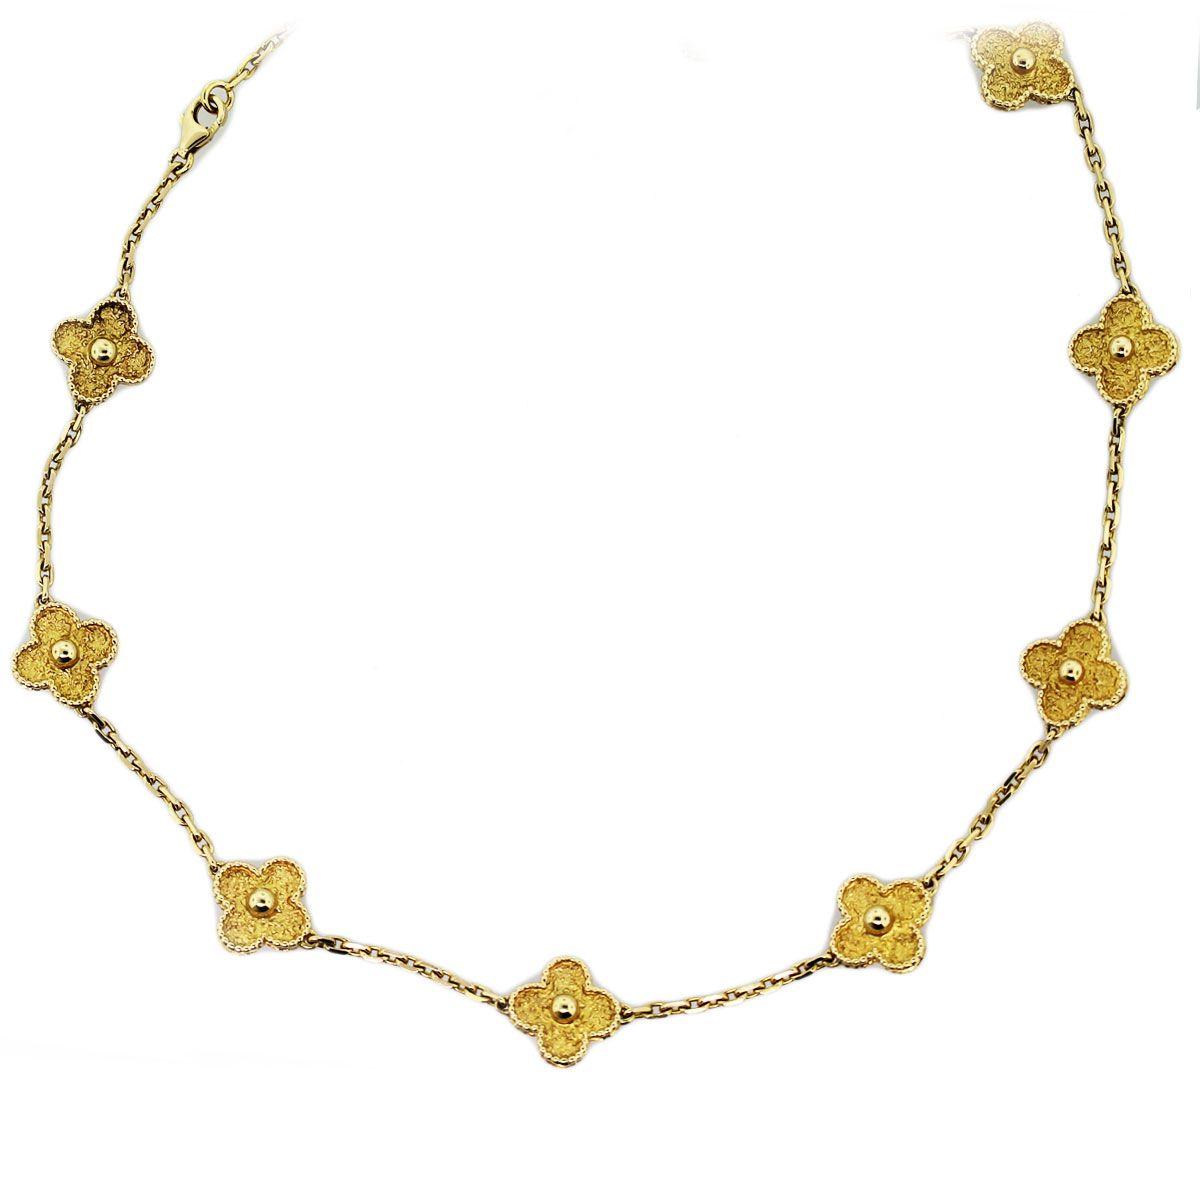 Clover Necklace Van Cleef: Van Cleef And Arpels Alhambra Gold Clover Necklace